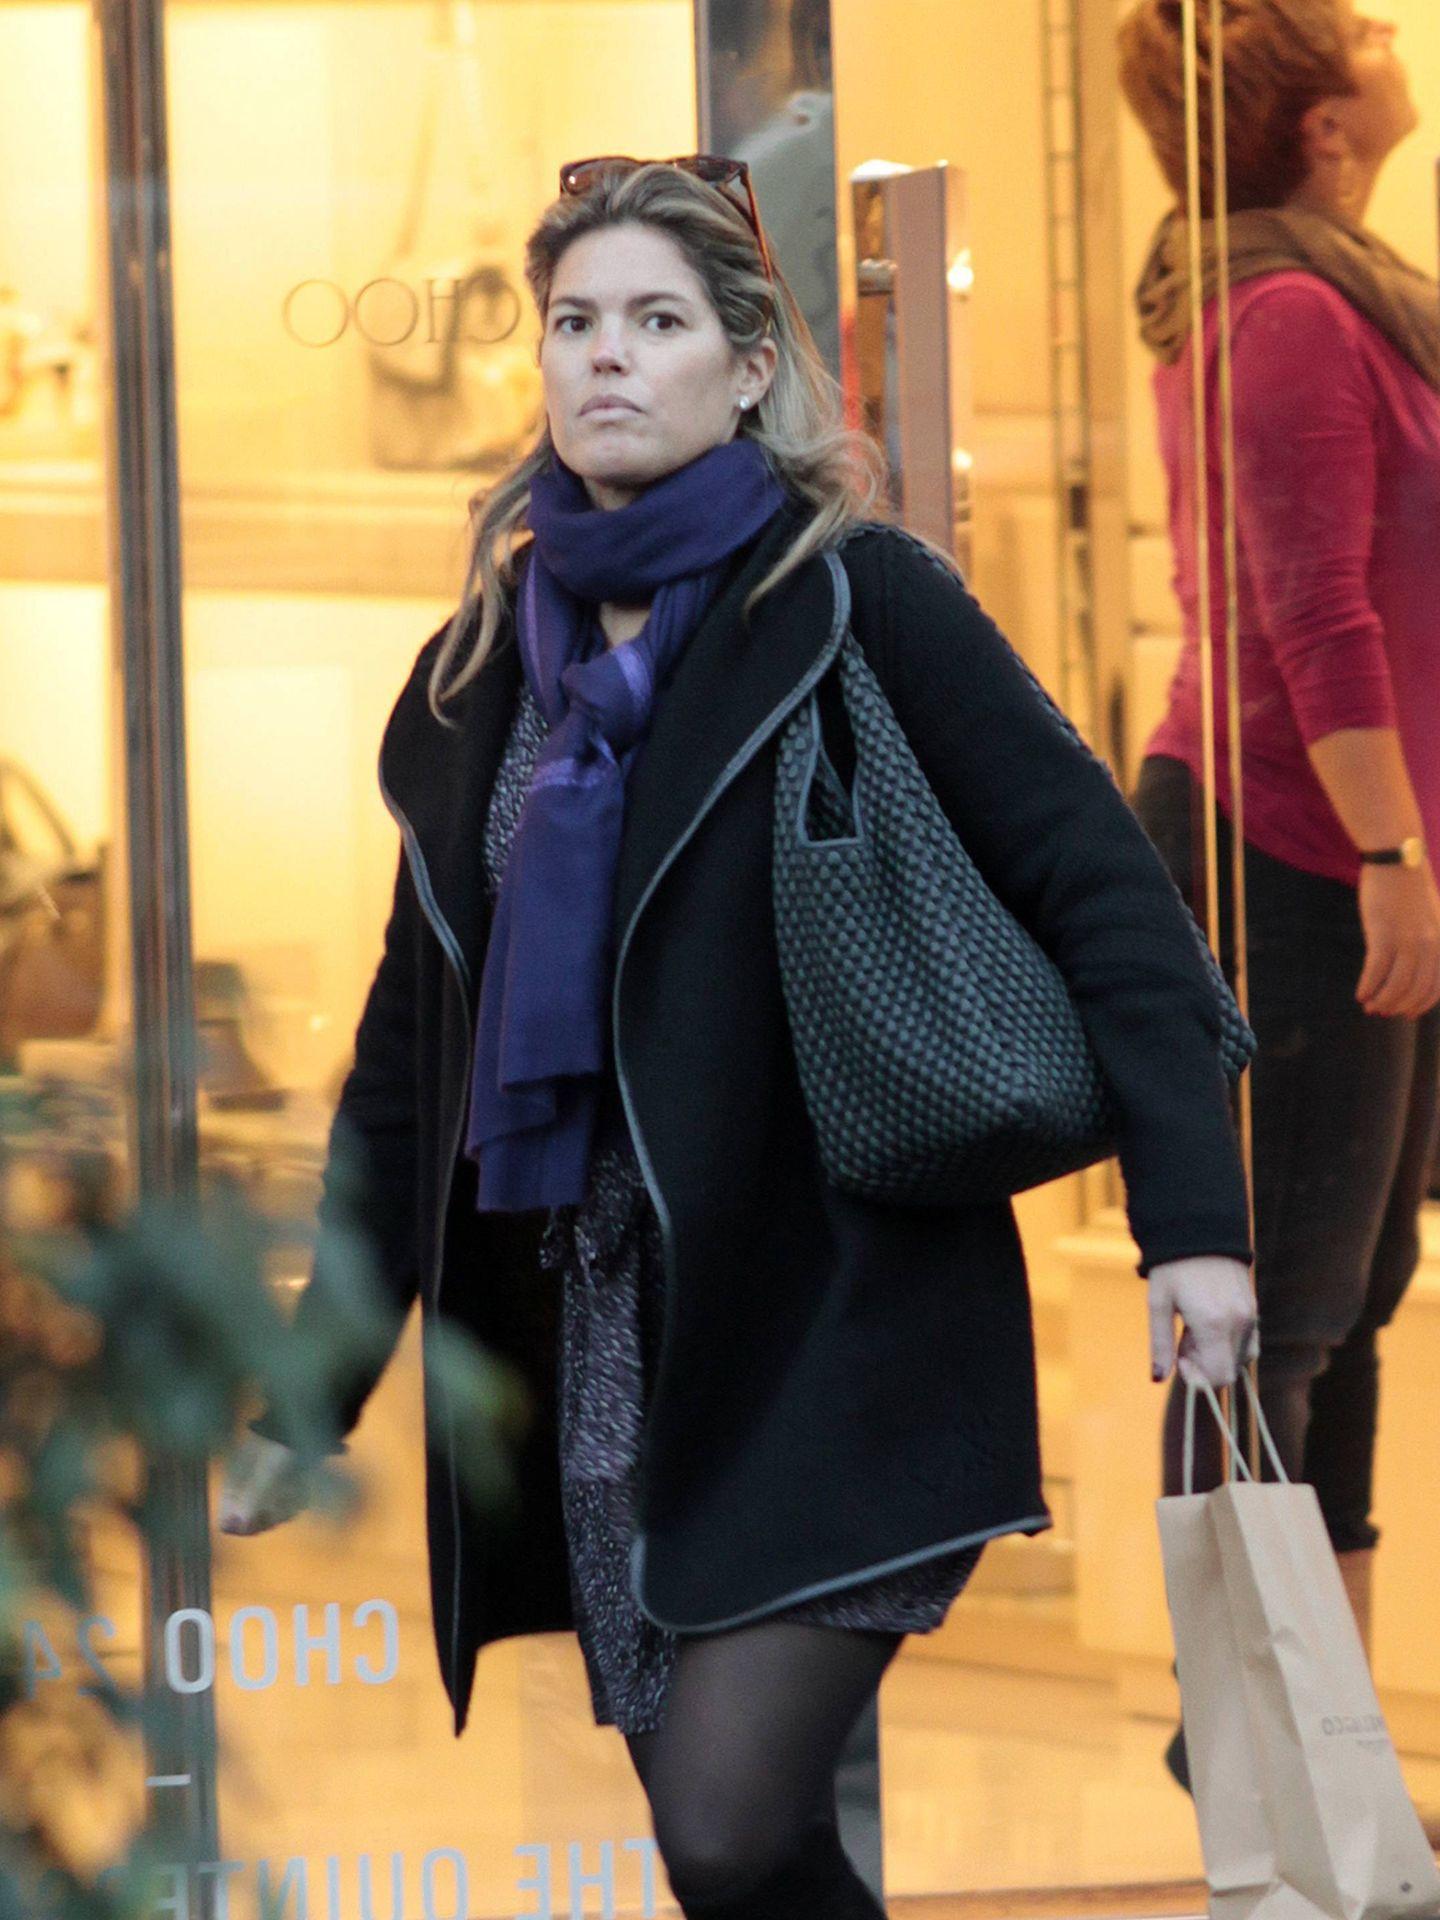 Cristina Valls Taberner, de compras navideñas con uno de los bolsos que ella vende. (Cordon Press)